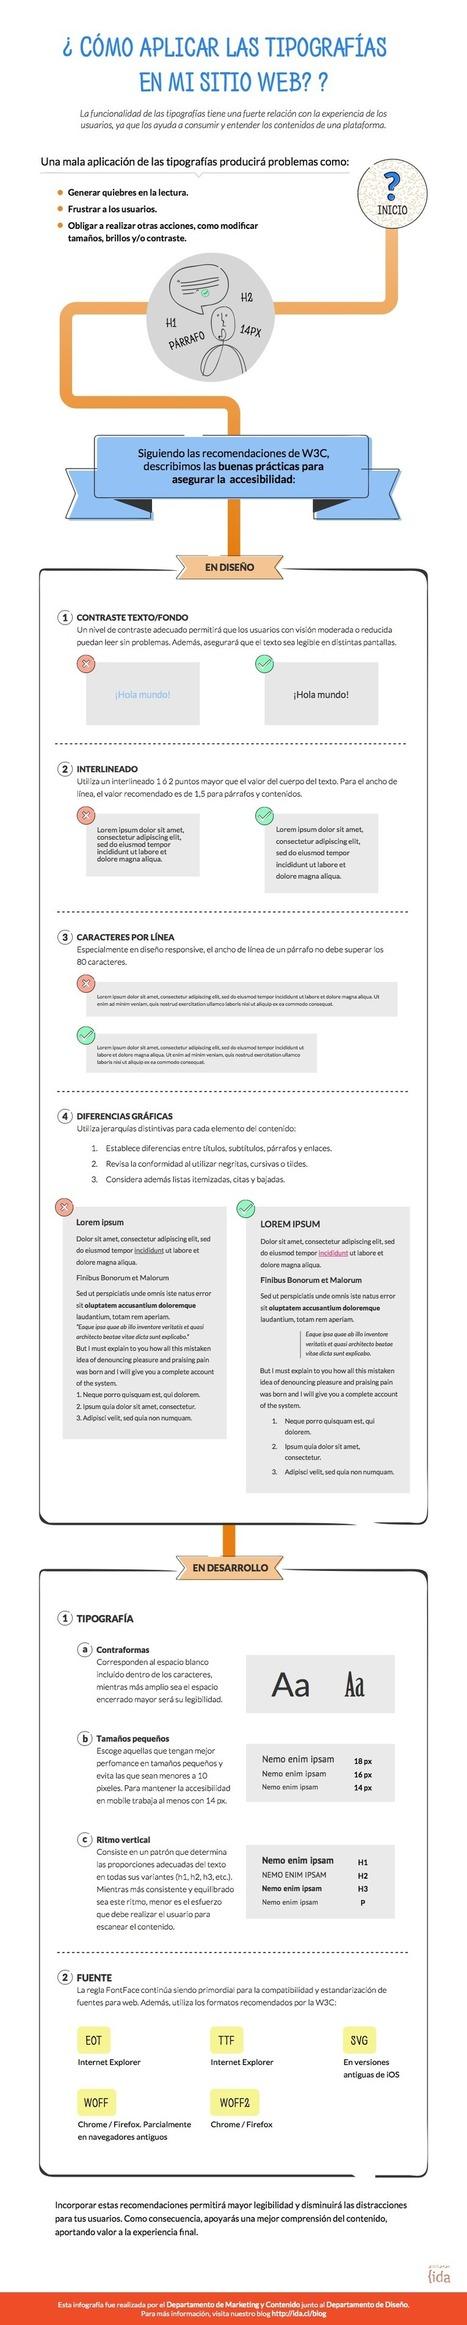 Cómo usar tipografías para tu web #infografia #infographic #design | El Mundo del Diseño Gráfico | Scoop.it